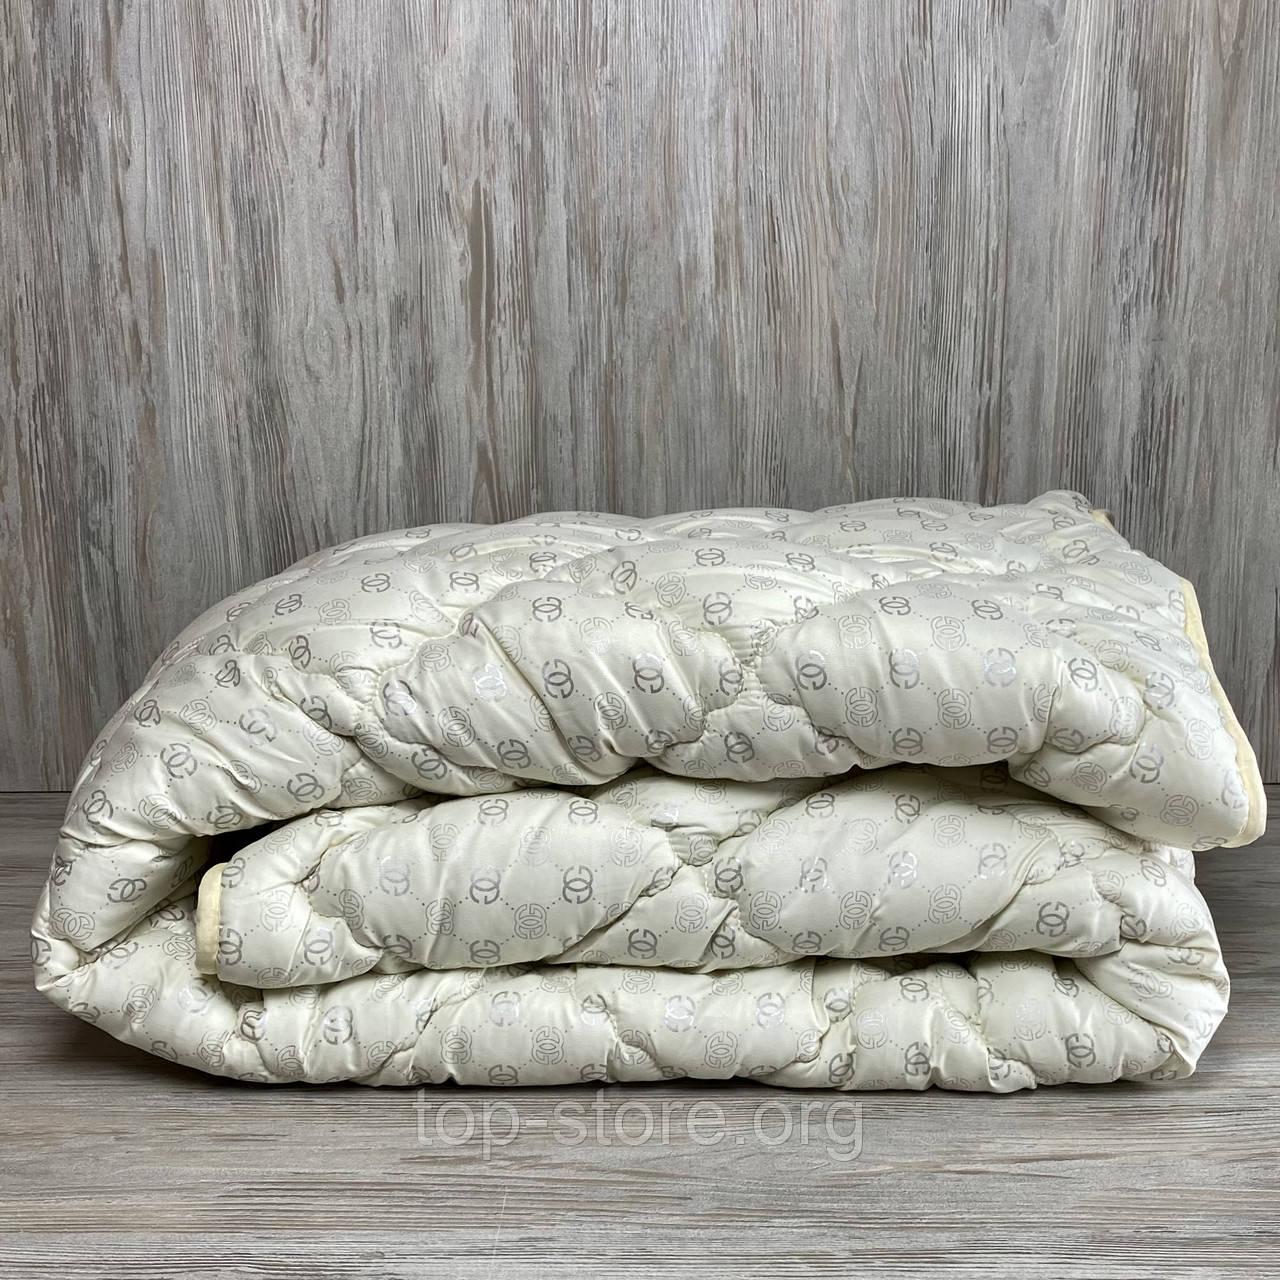 Ковдра на холлофайбері ОДА Євро розміру 200х220 Стьобана зимова ковдра високої якості